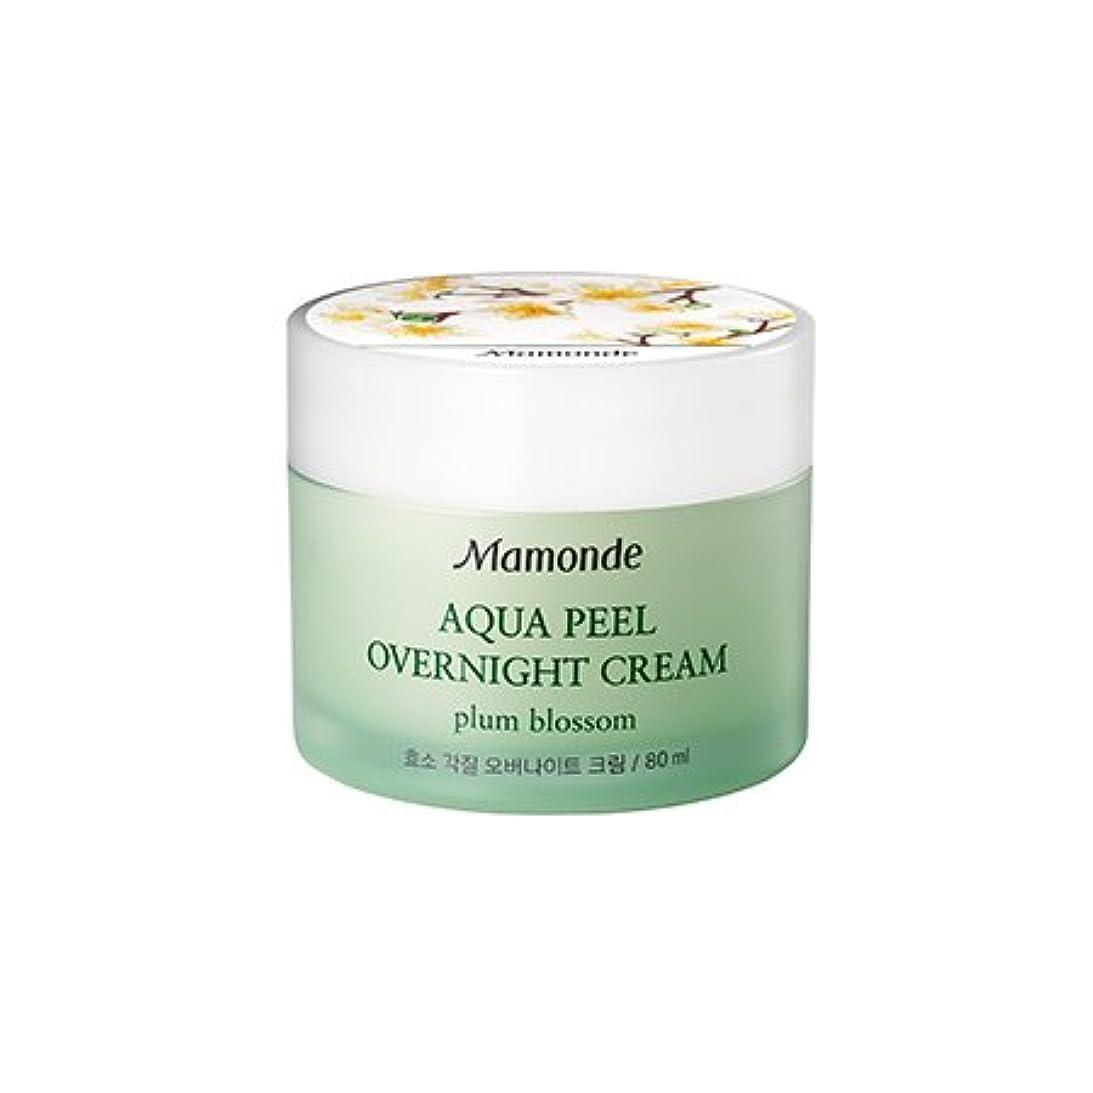 緯度深い確率Mamonde Aqua Peel Overnight Cream 80ml/マモンド アクア ピール オーバーナイト クリーム 80ml [並行輸入品]